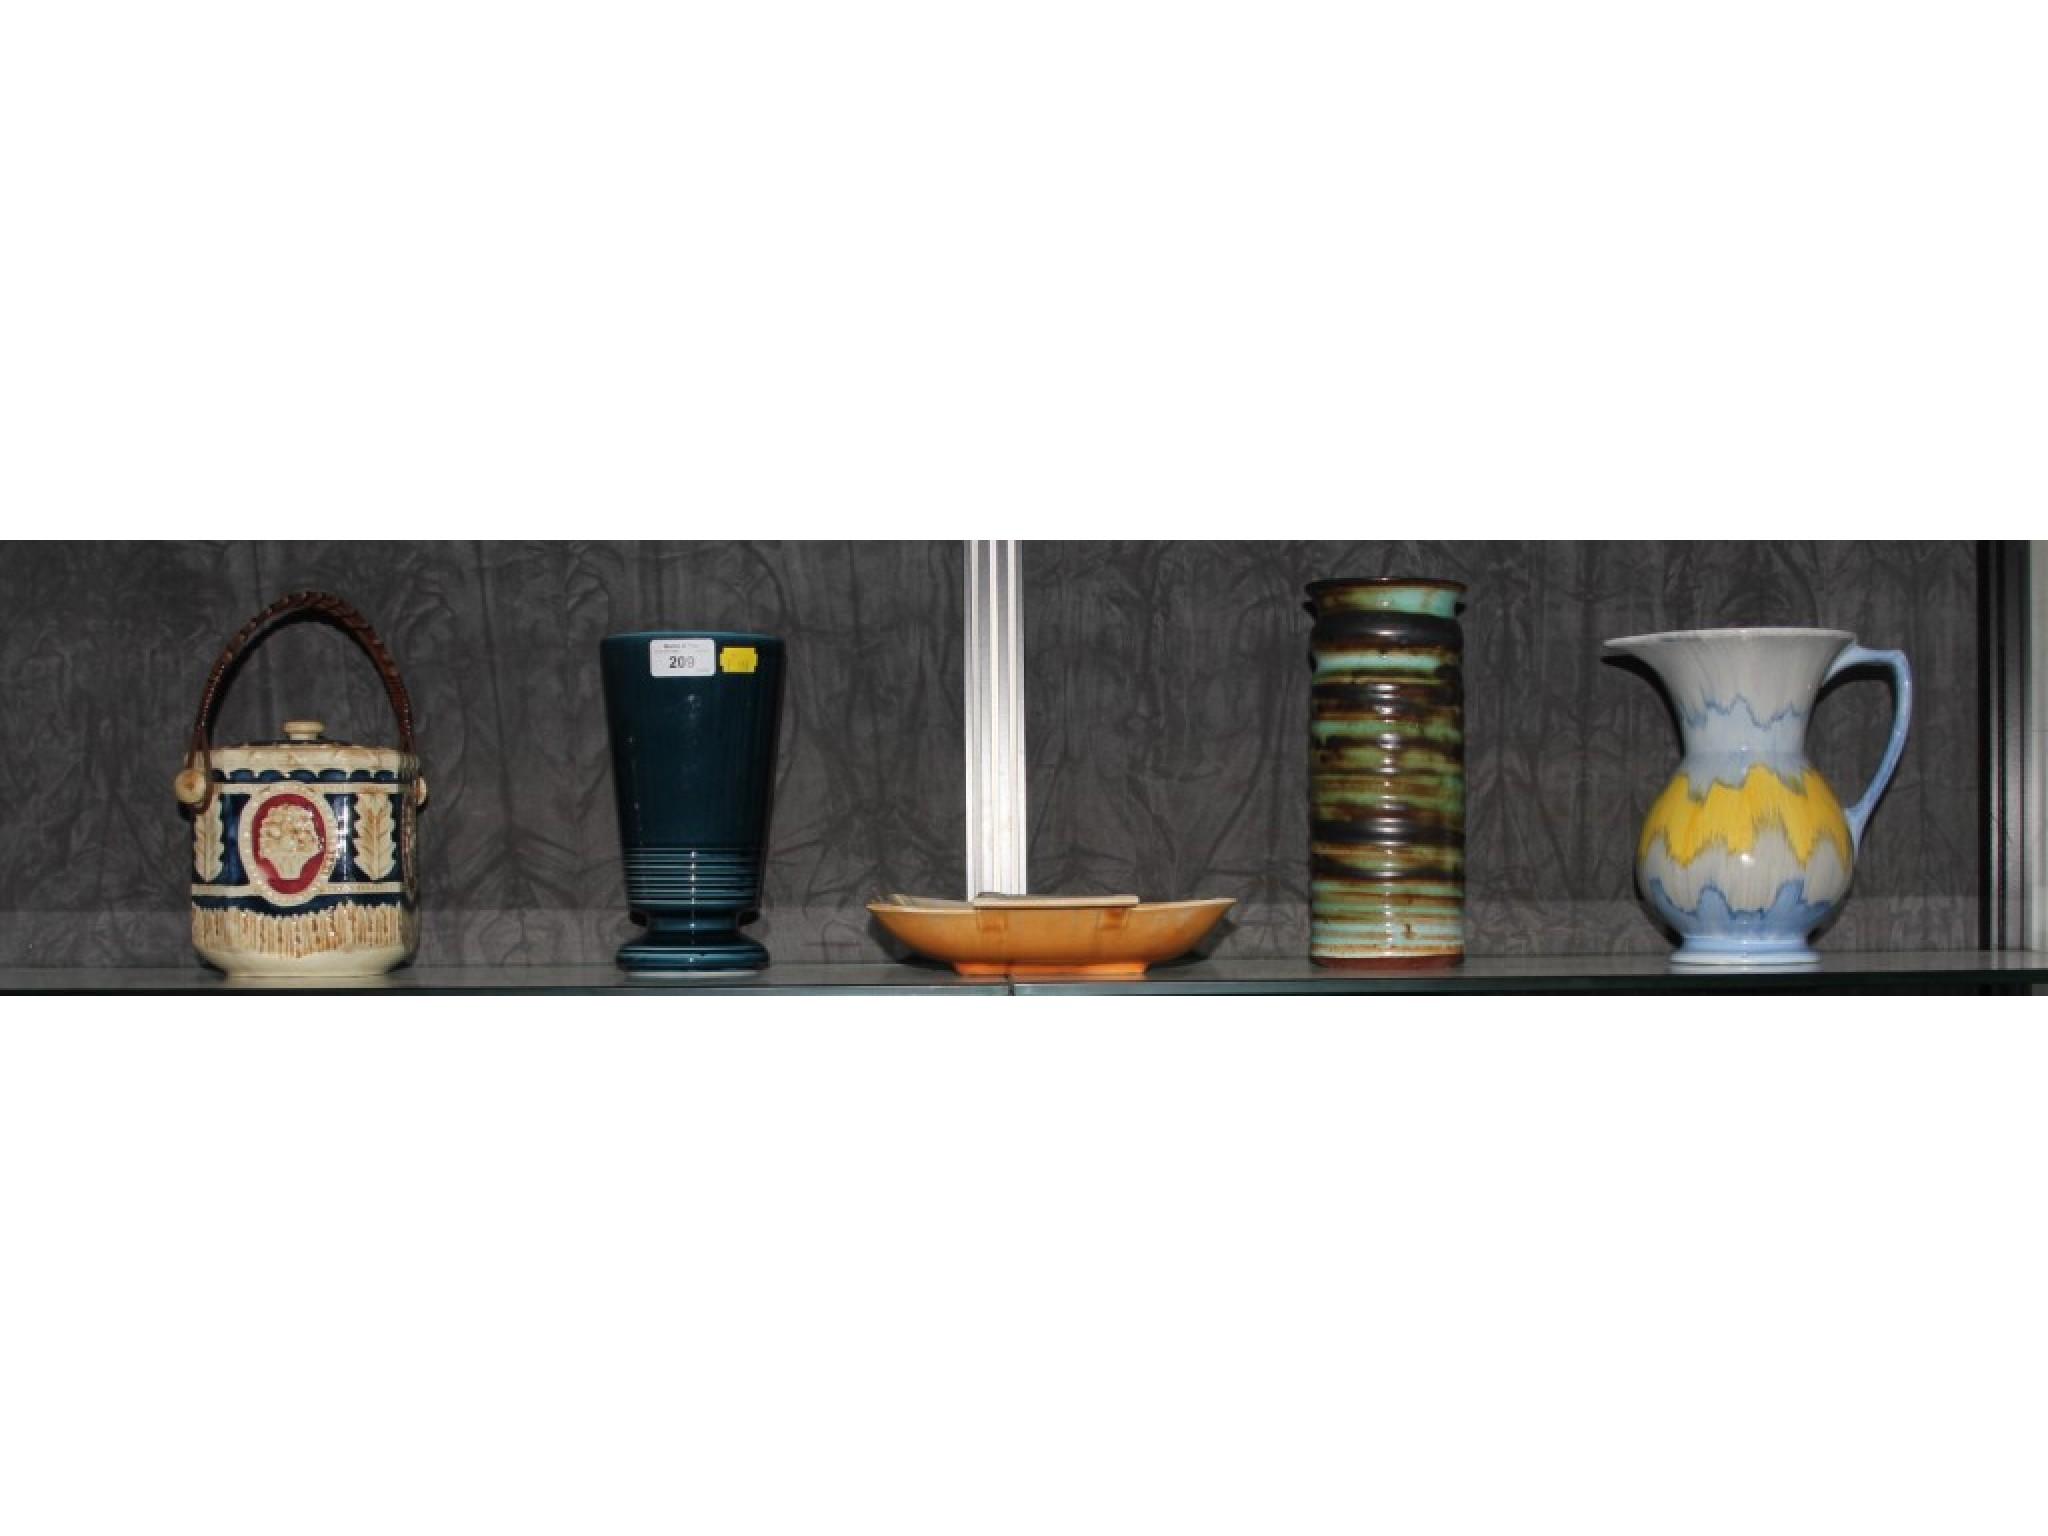 A Shorter square dish, stamped 359, a Printnash blue glazed vase, a Llangollen ware vase, a biscuit barrel and jug